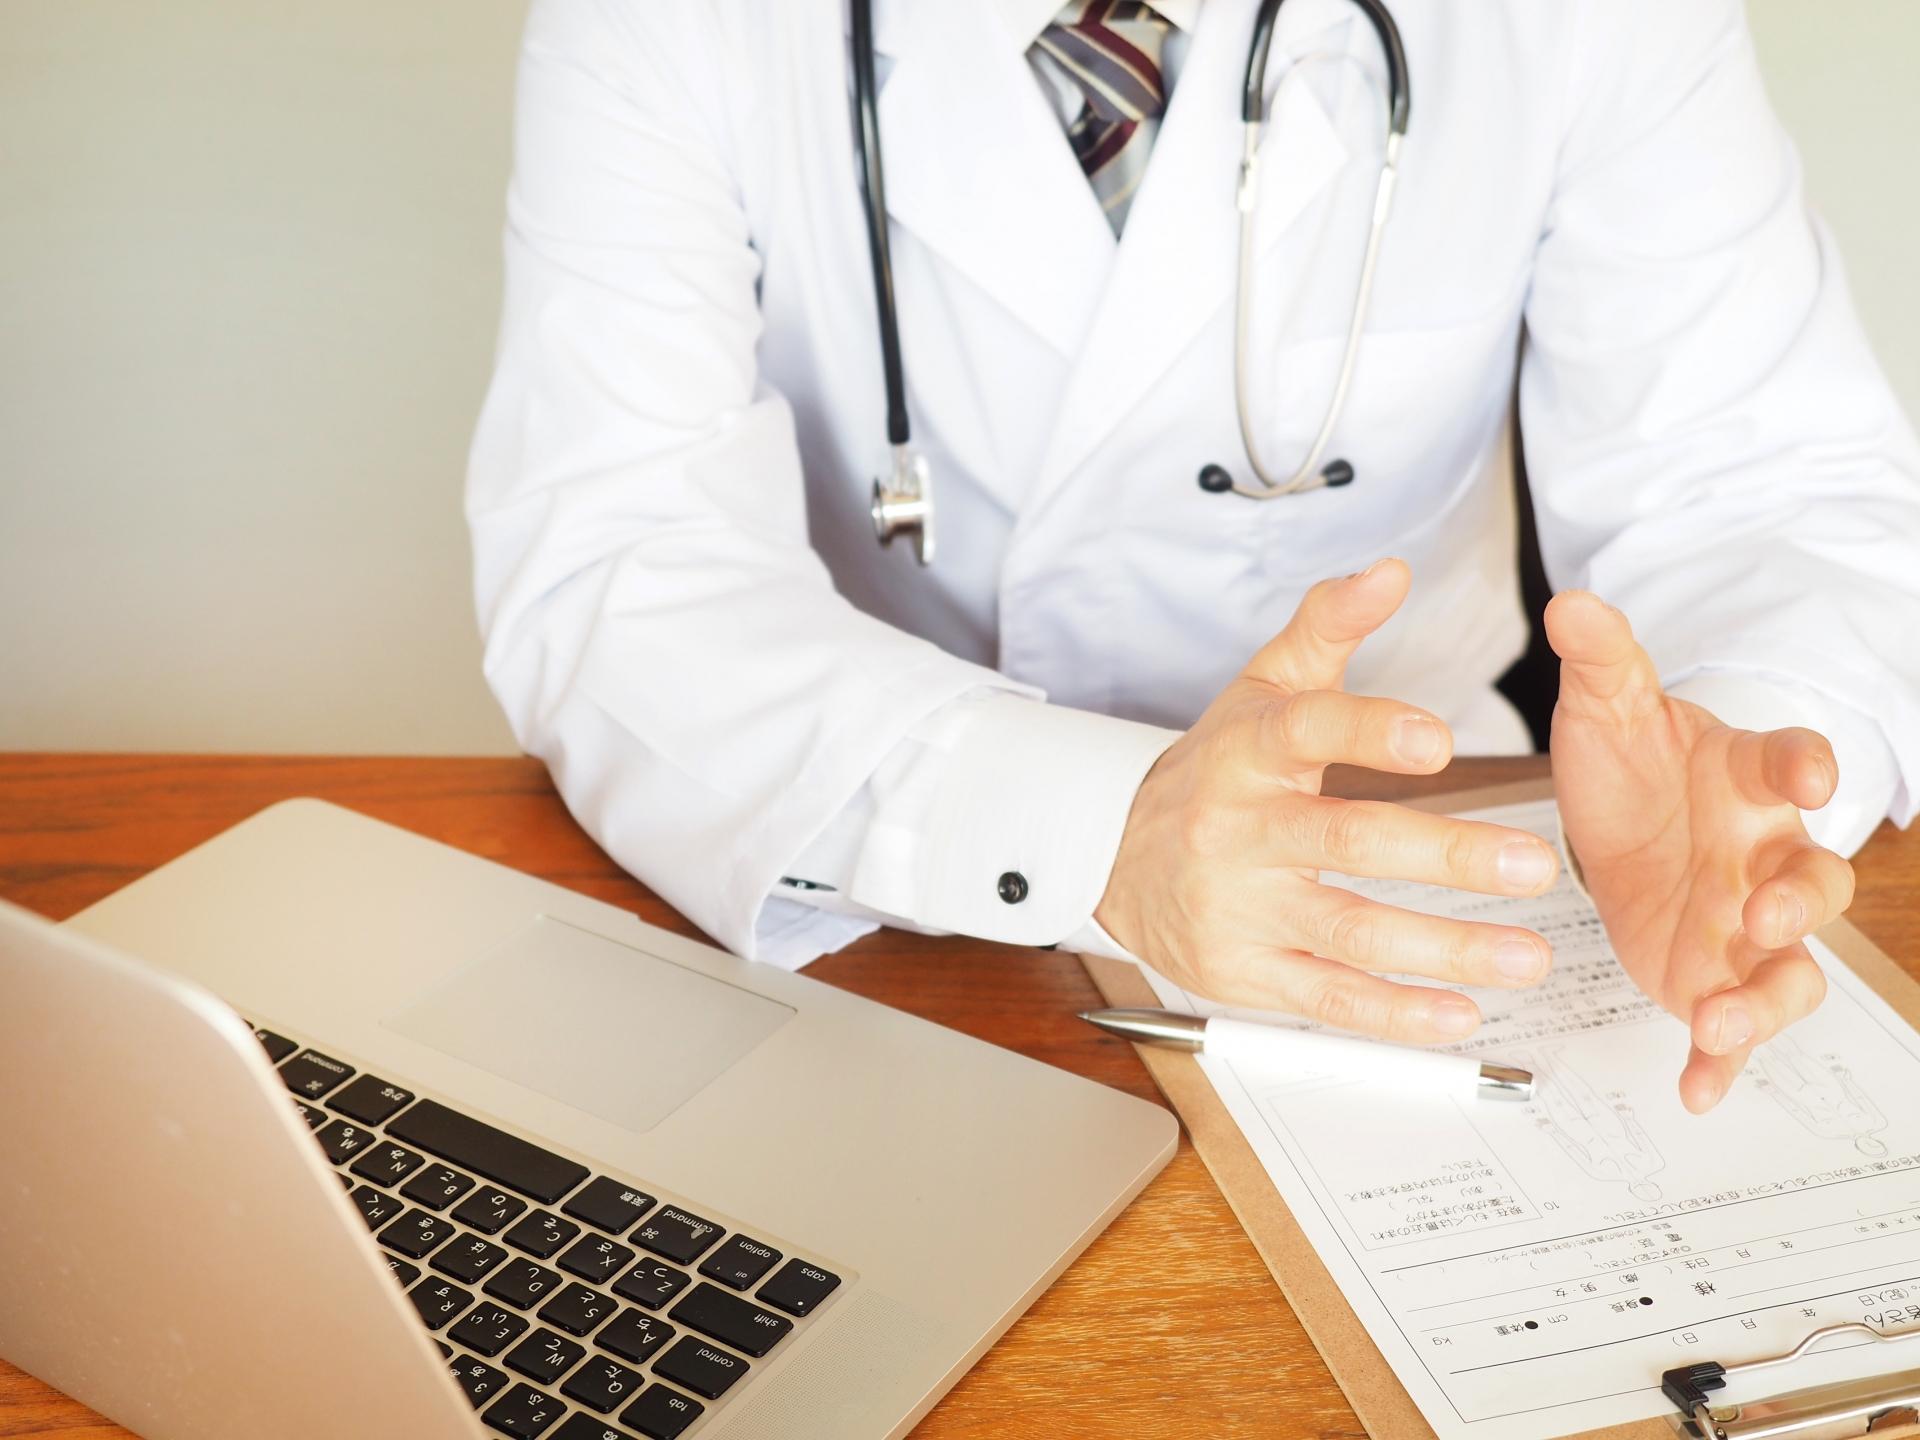 ストレス社会で働く人には、メンタルヘルスケアが必要